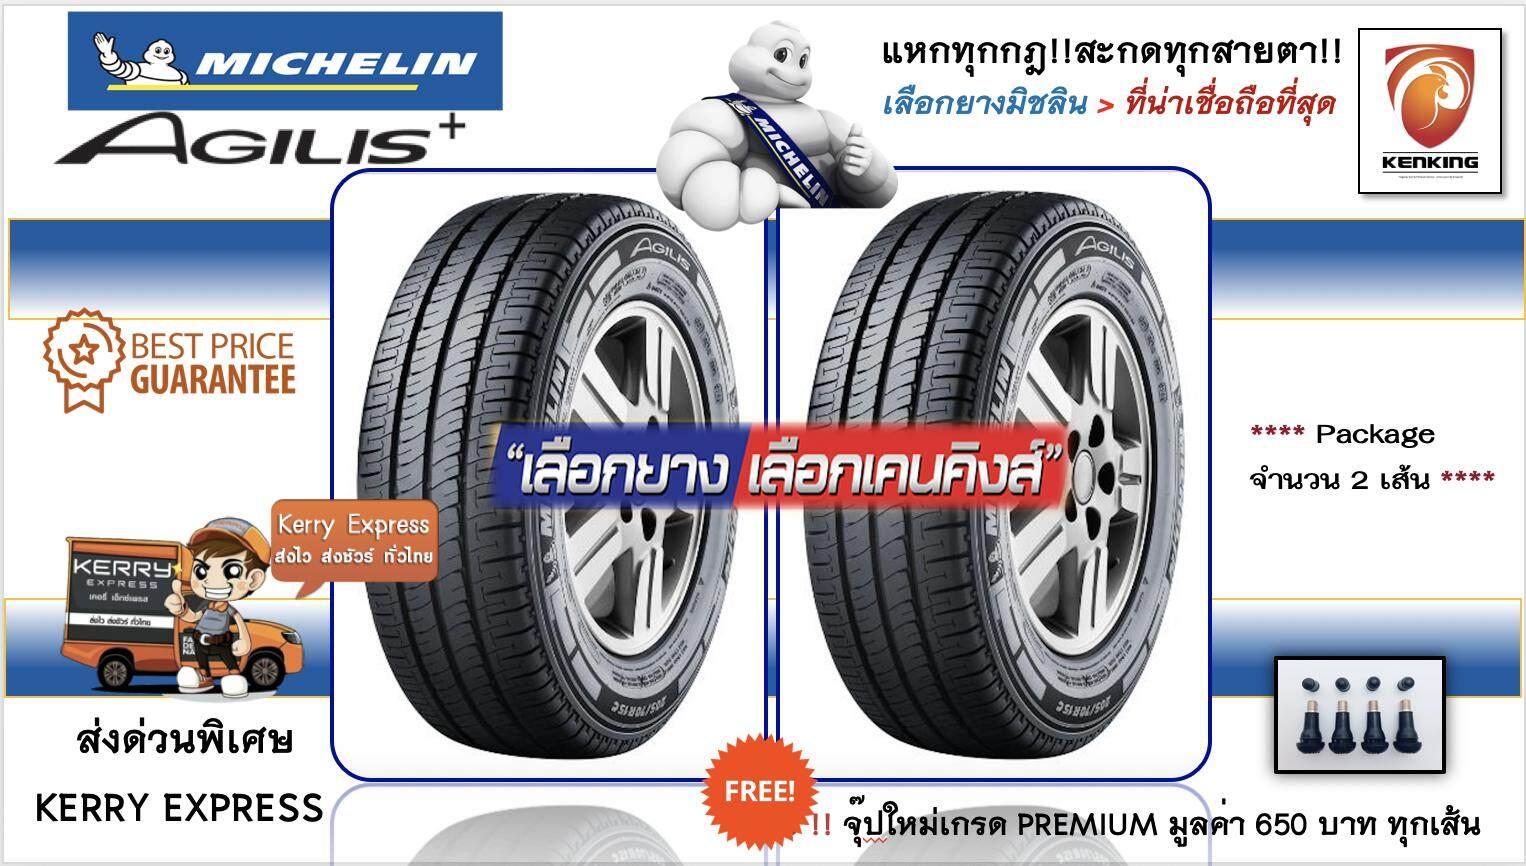 ประกันภัย รถยนต์ 2+ อุทัยธานี ยางรถยนต์ขอบ16  Michelin 215/65 R16 AGILIS NEW!! 2019 (2เส้น )  FREE !! จุ๊ป PREMIUM BY KENKING POWER 650 บาท MADE IN JAPAN แท้ (ลิขสิทธิแท้รายเดียว)